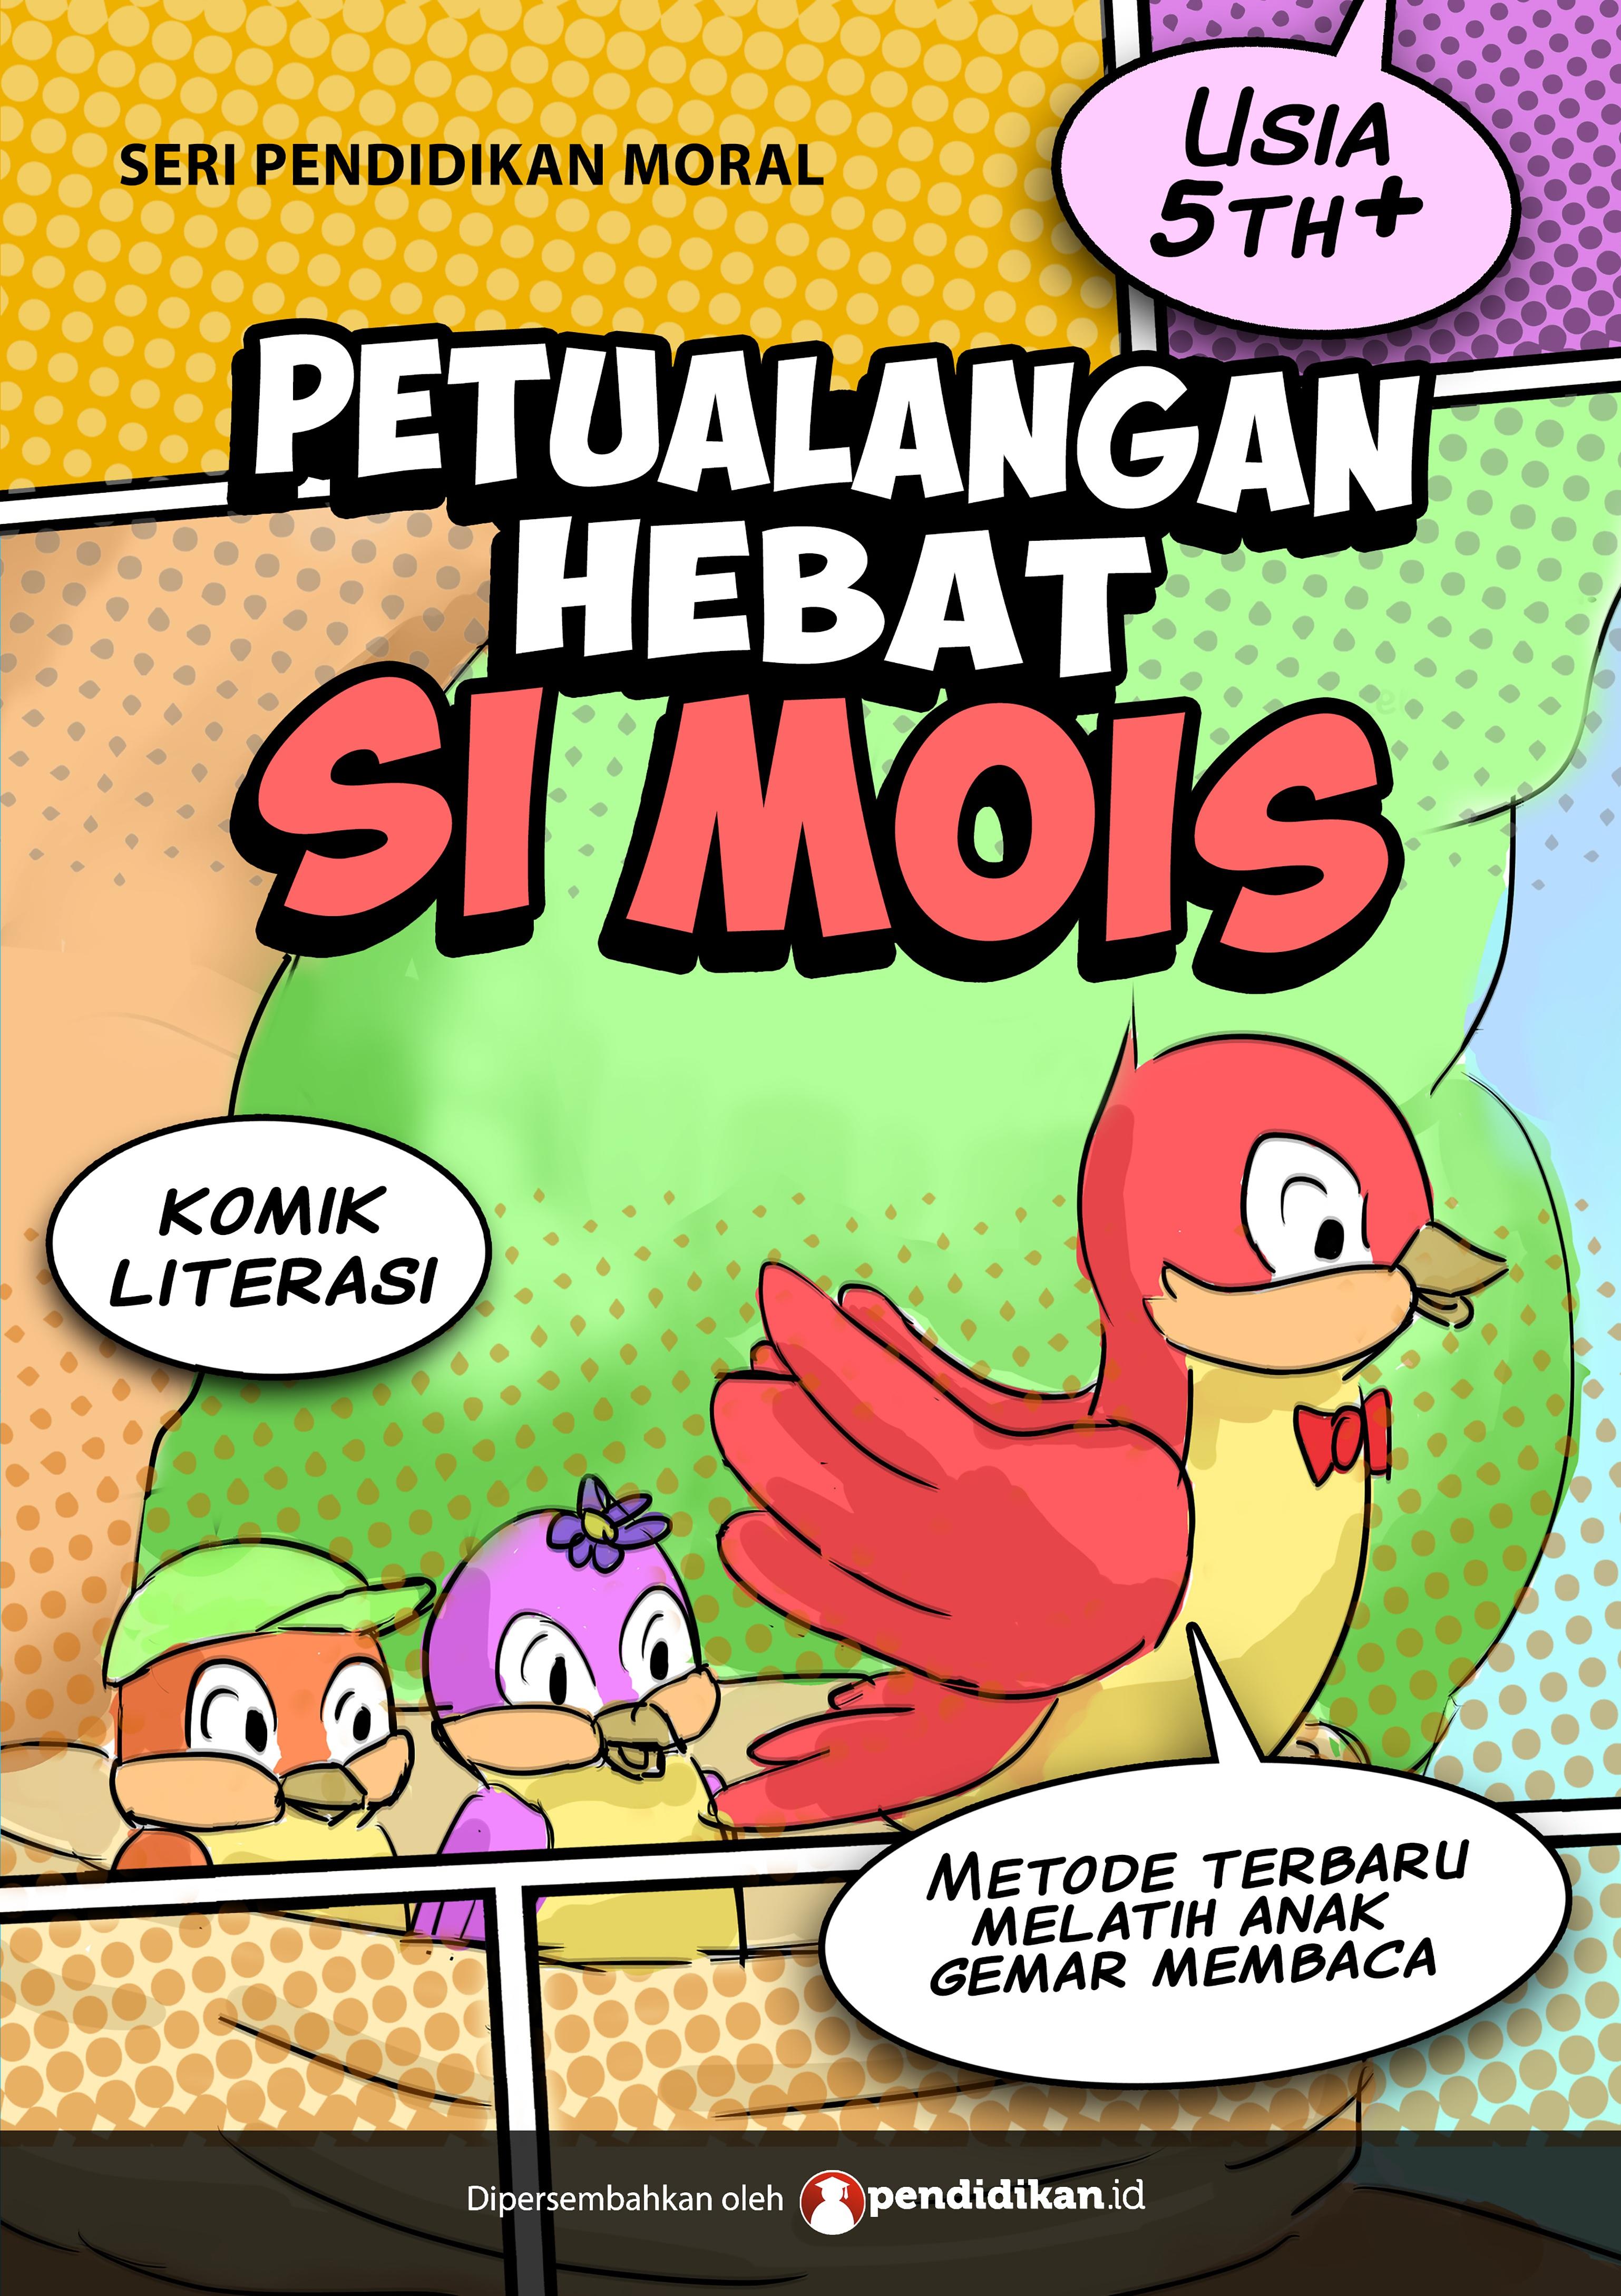 Petualangan Hebat si Mois, Komik Literasi Menarik Sebagai Bahan Cerita untuk Anak Balita